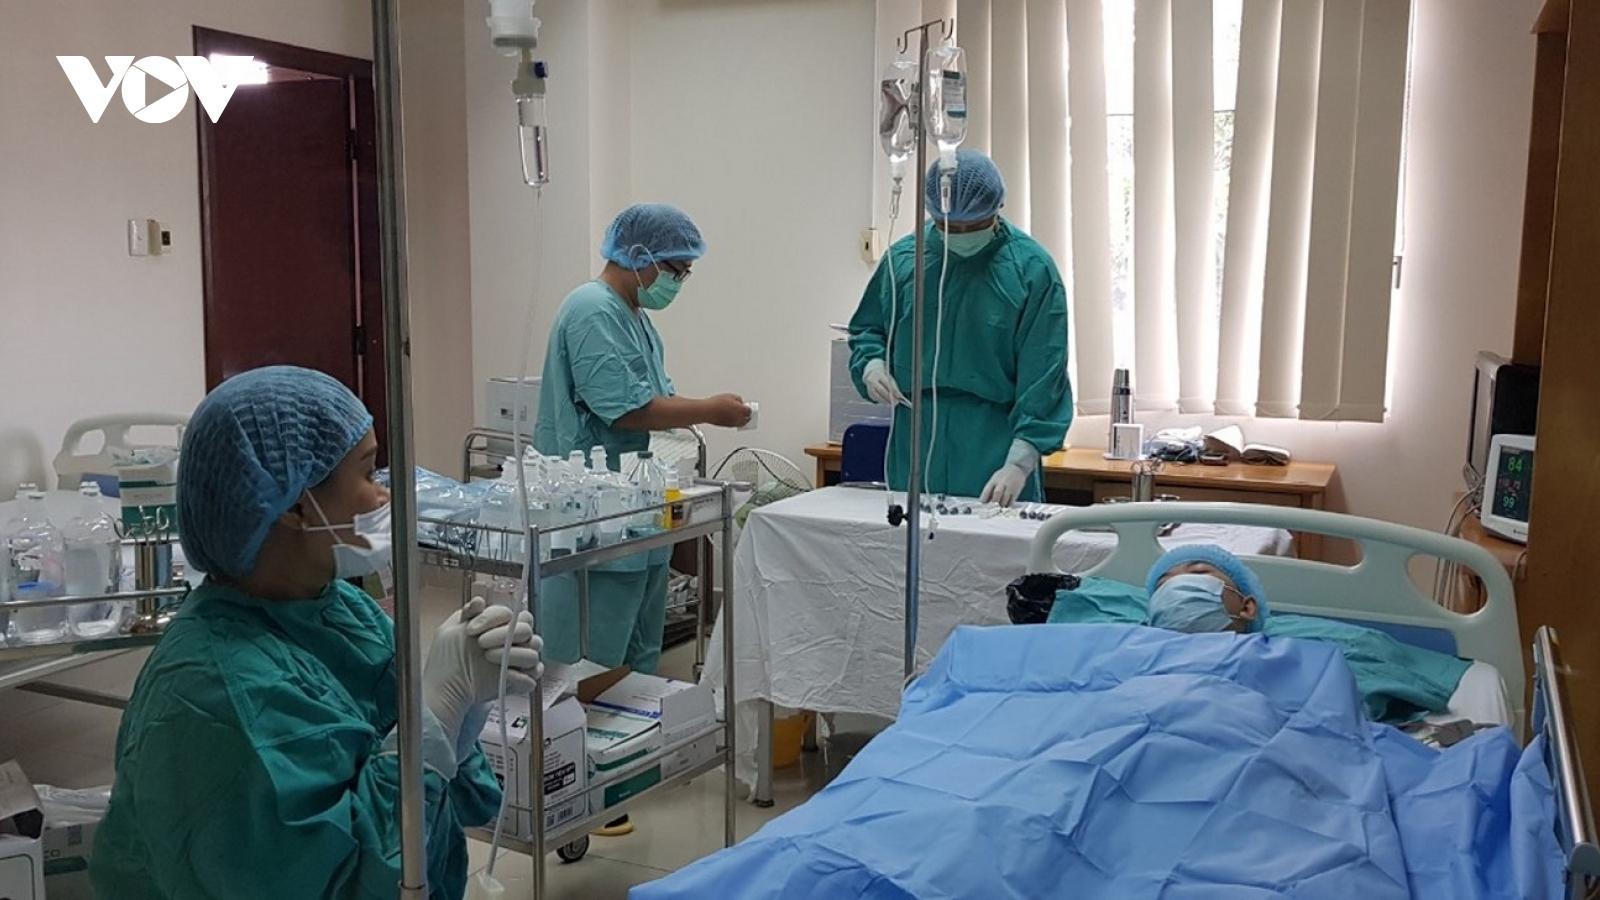 Ghép tế bào gốc điều trị ung thư thành công đầu tiên tại miền Trung